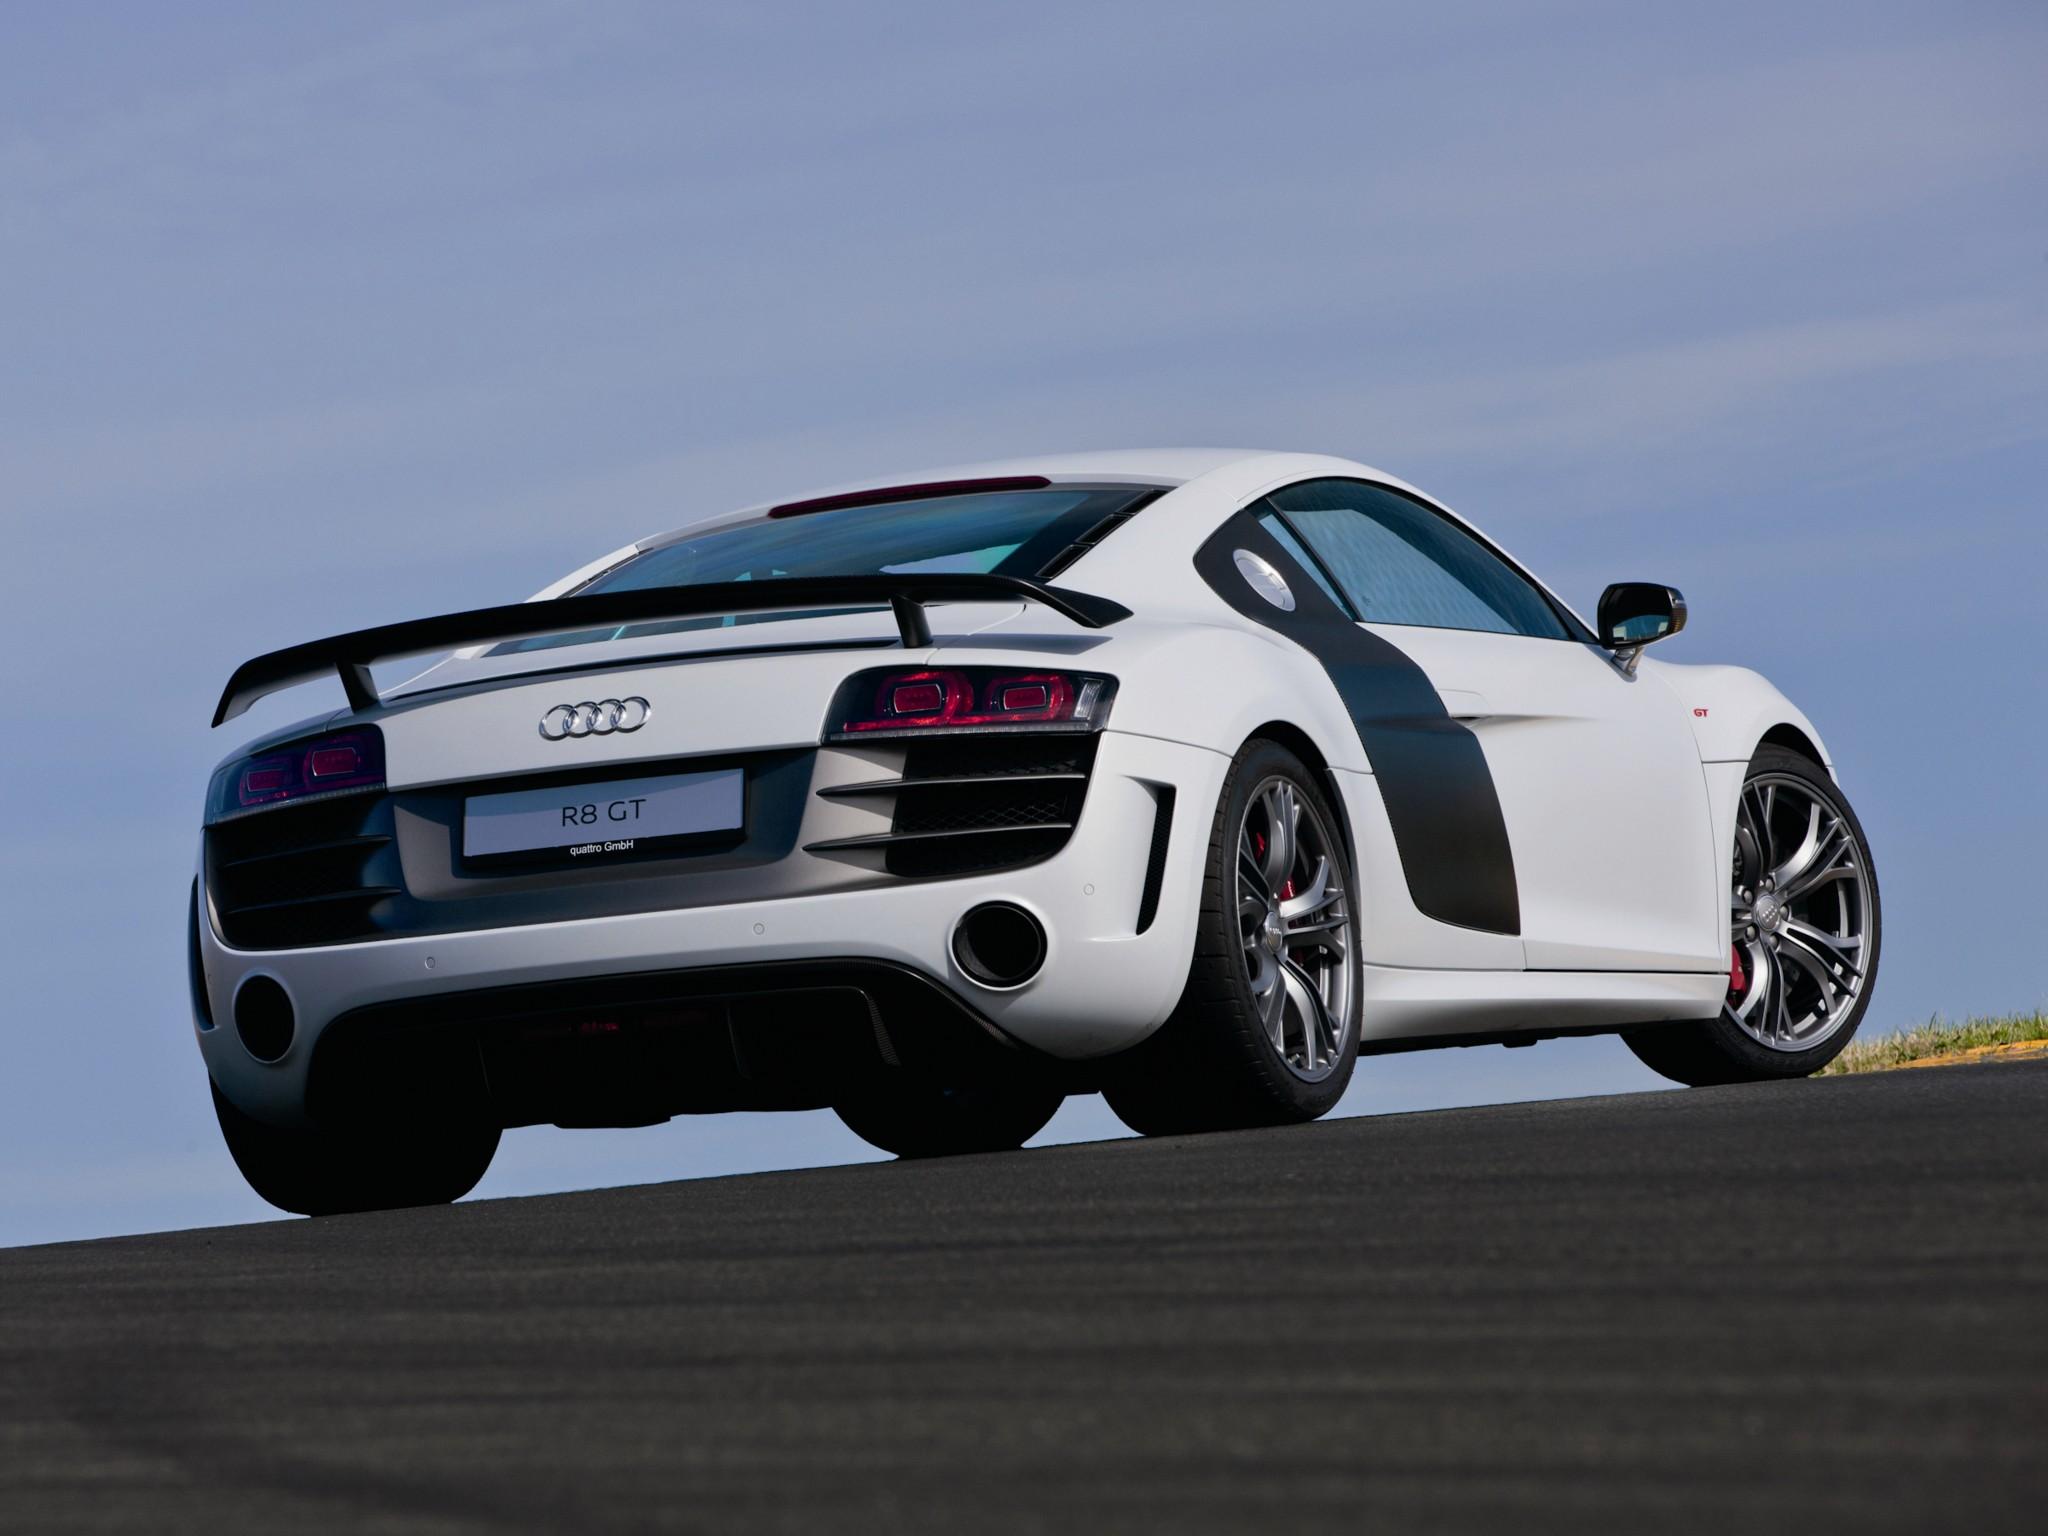 2012-Audi-R8-GT-images (7) | Sense The Car